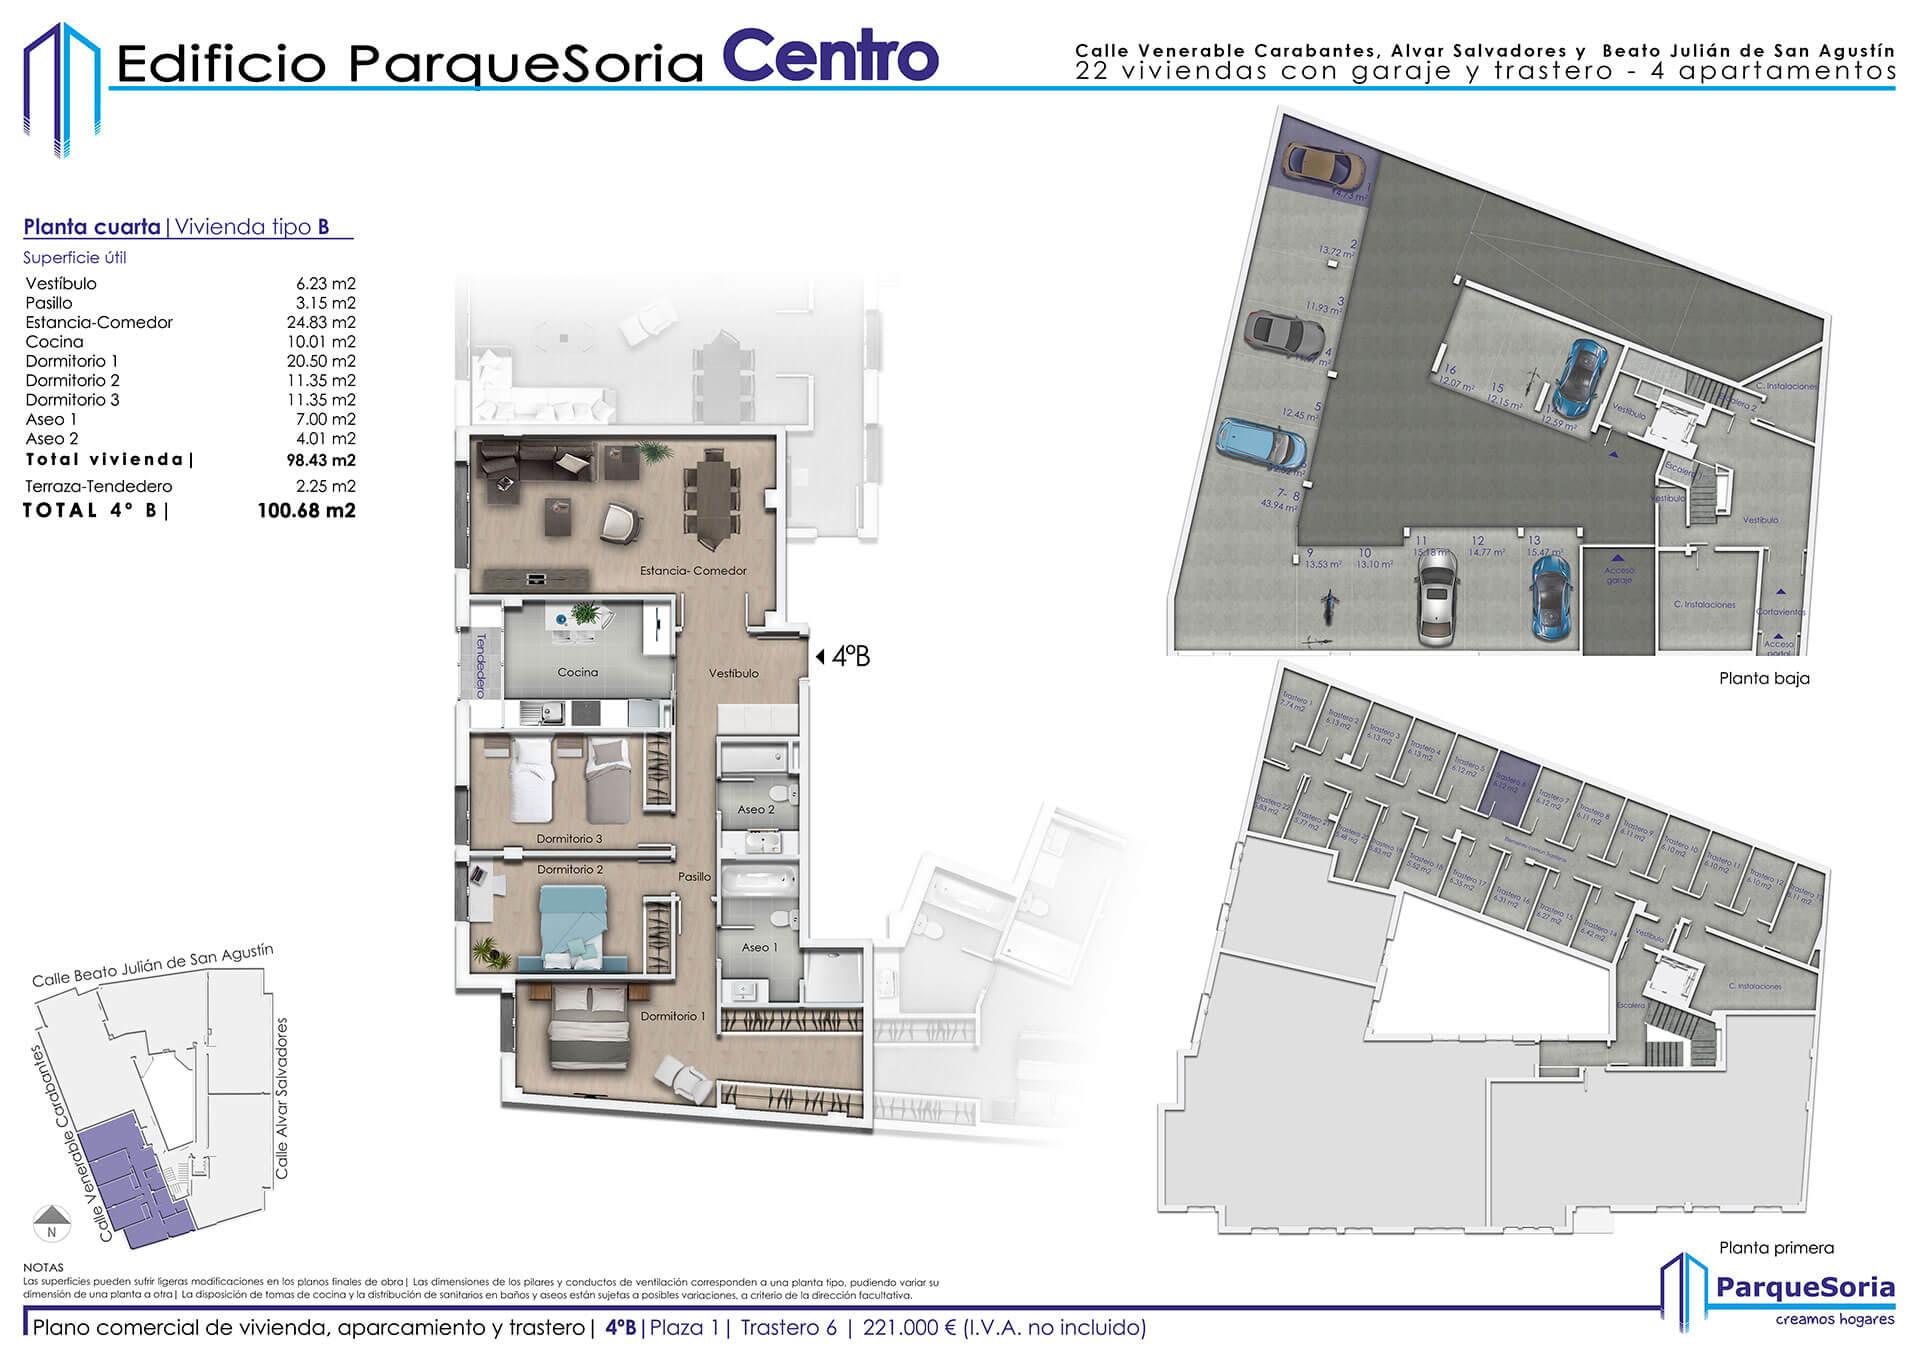 4B-ParqueSoria-Centro